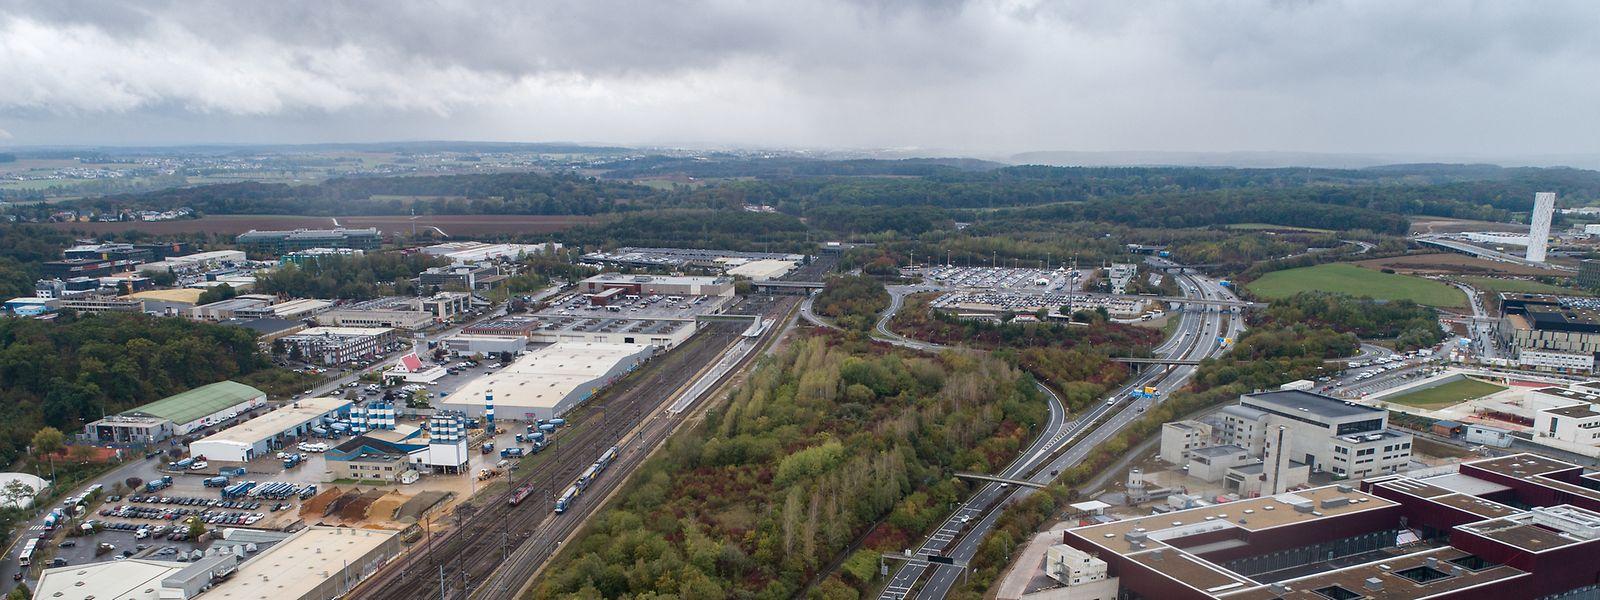 Das Midfield-Gelände erstreckt sich vom Rond-Point Gluck (unten) bis zum Park&Ride Luxembourg-Sud II  (oben).